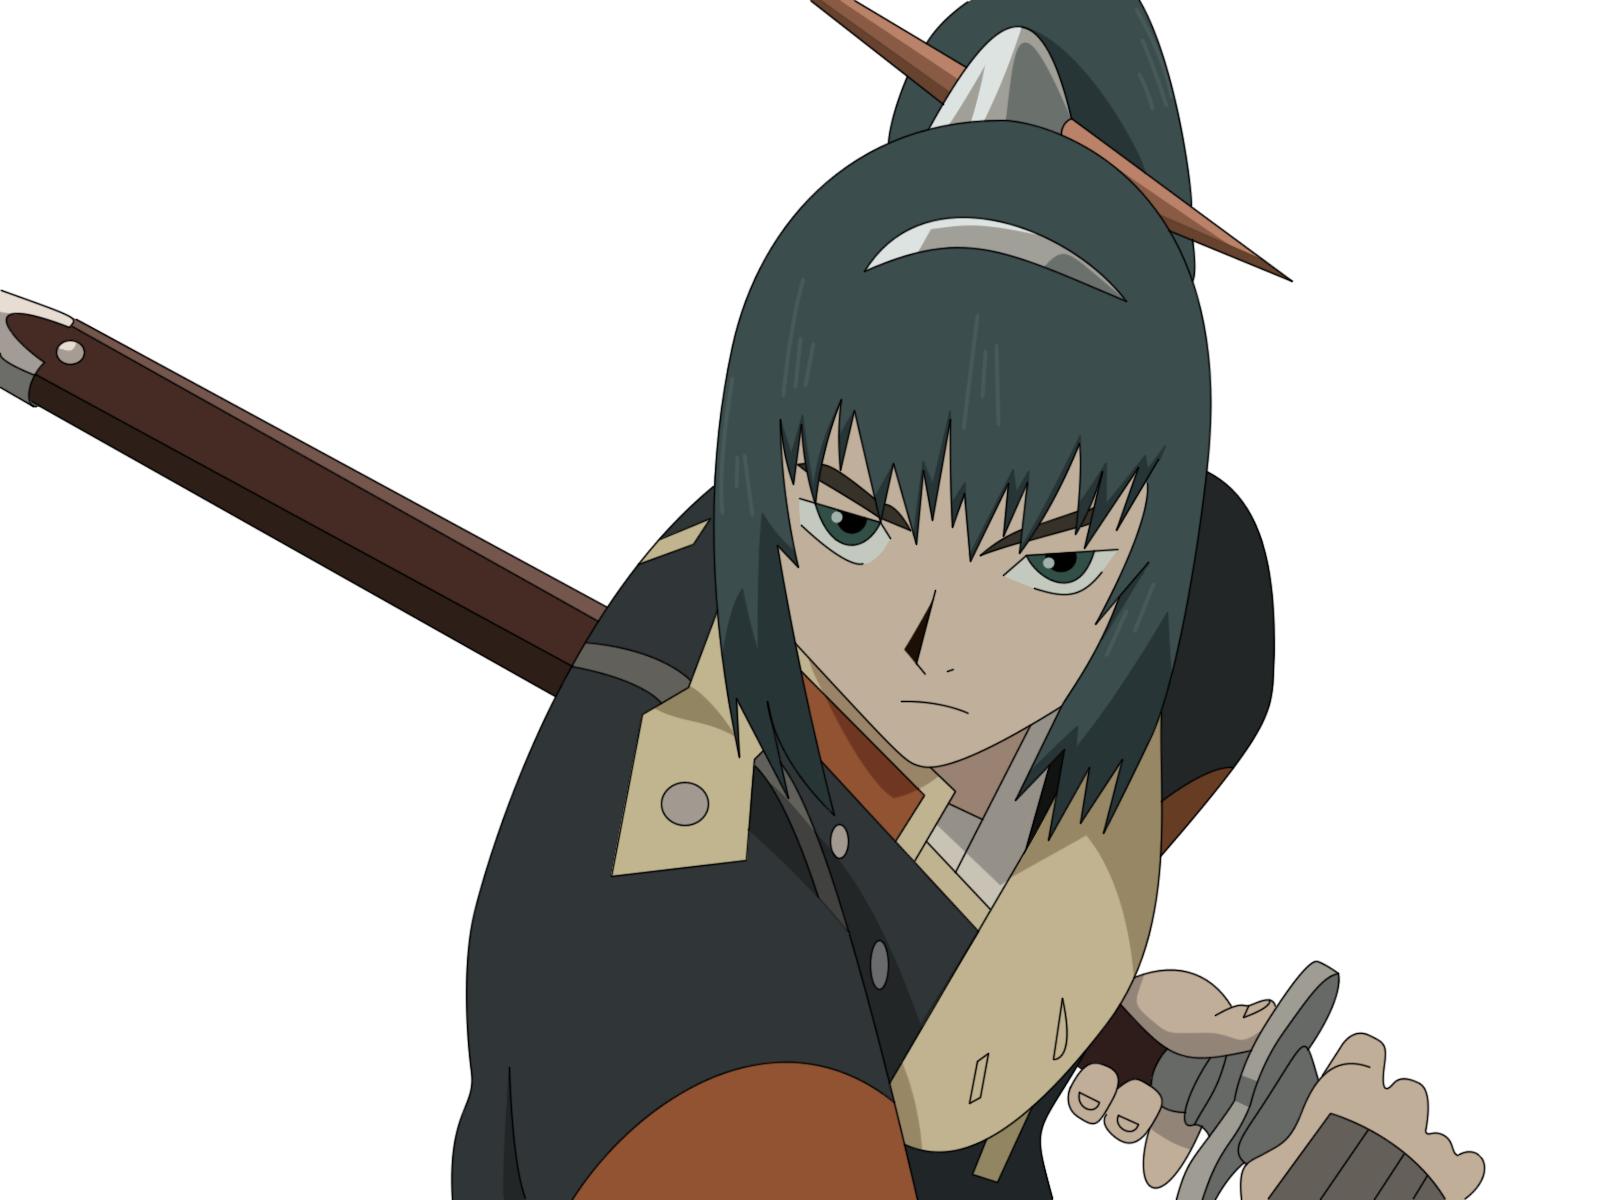 Katsuhiro Drawing Sword